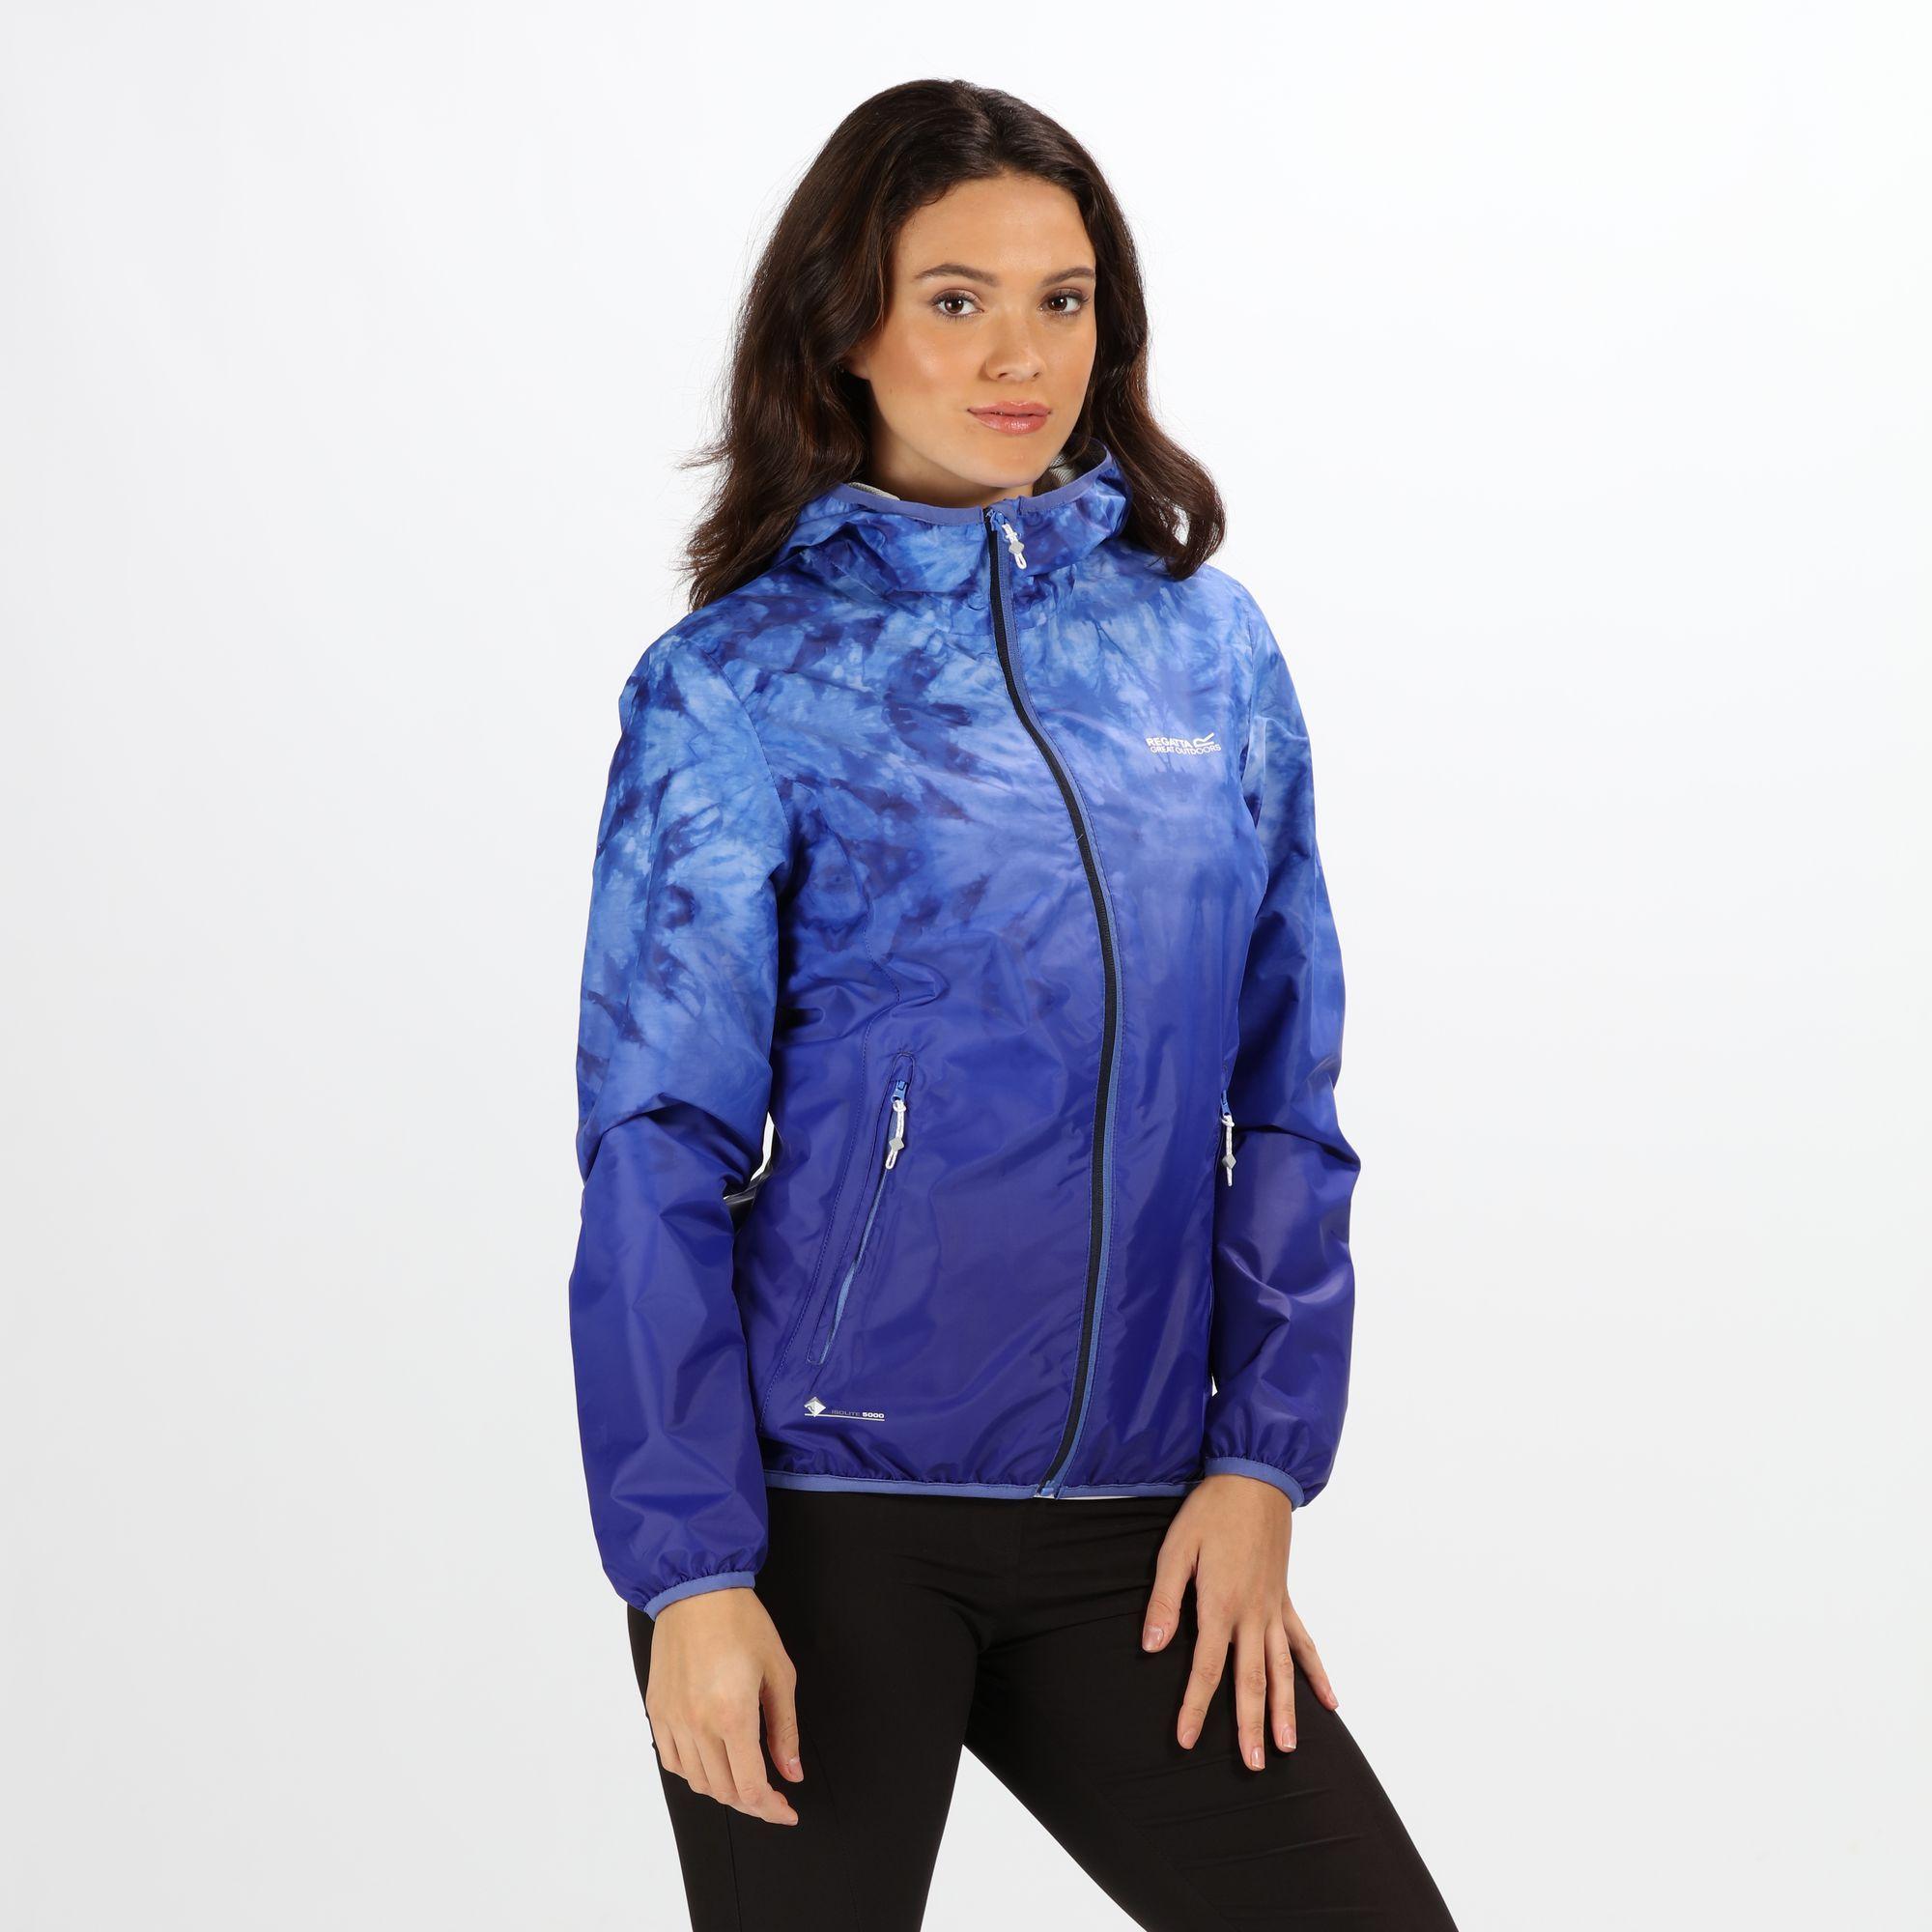 d73395f83751 regatta-womens -leera-iii-lightweight-hooded-waterproof-jacket-blueberry-pie.jpg